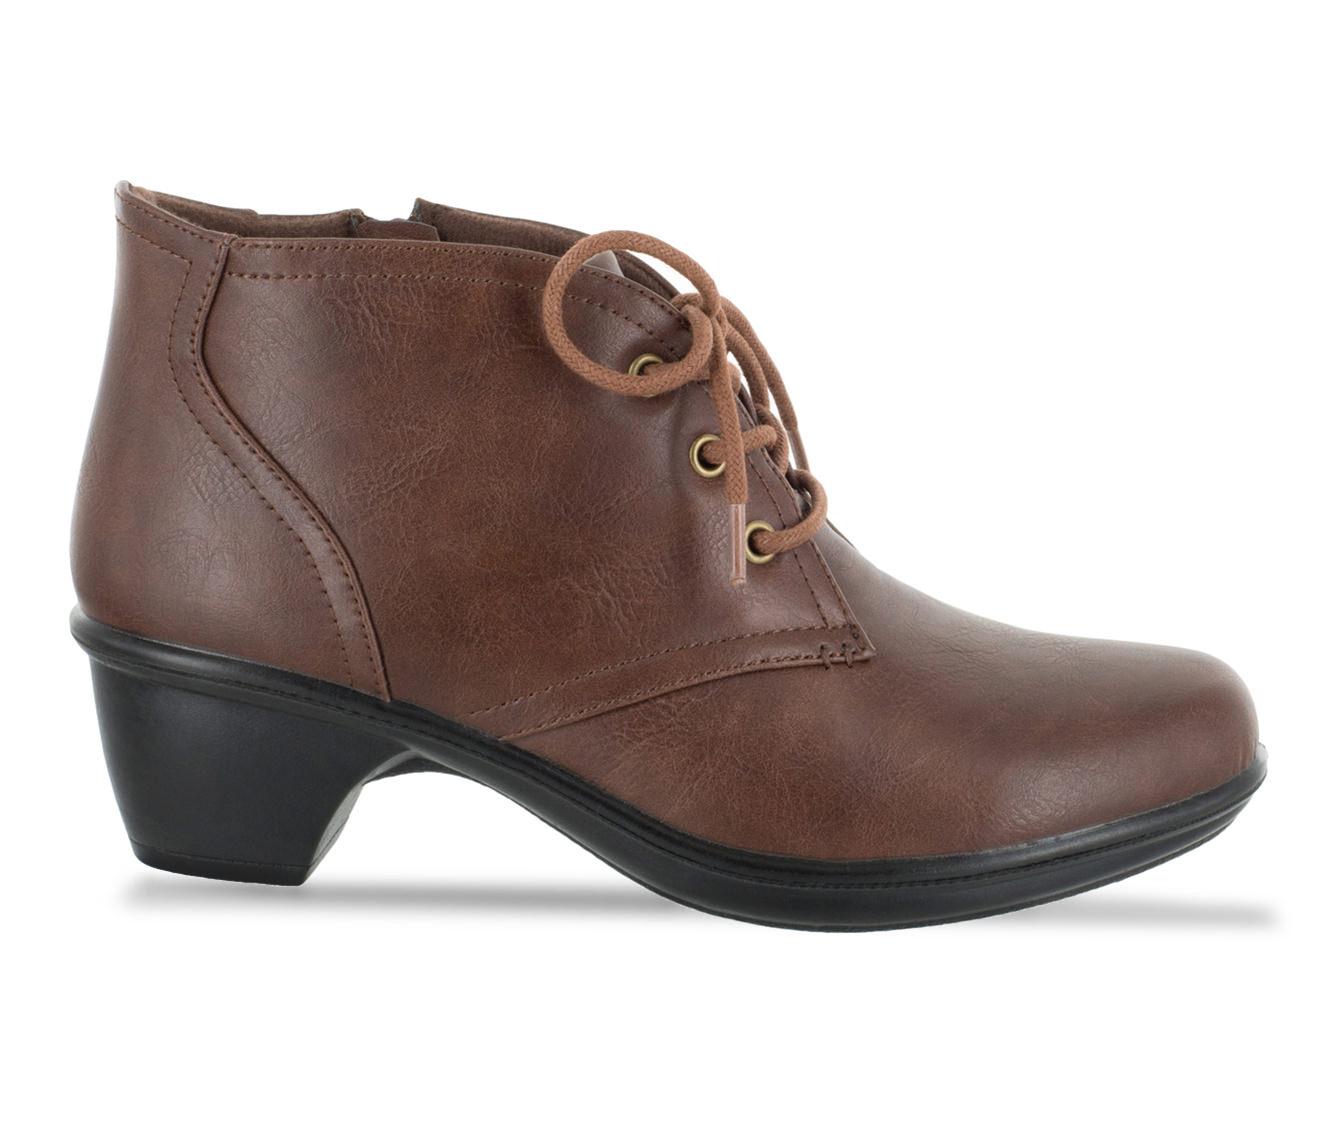 Easy Street Debbie Women's Shoe (Brown - Faux Leather)